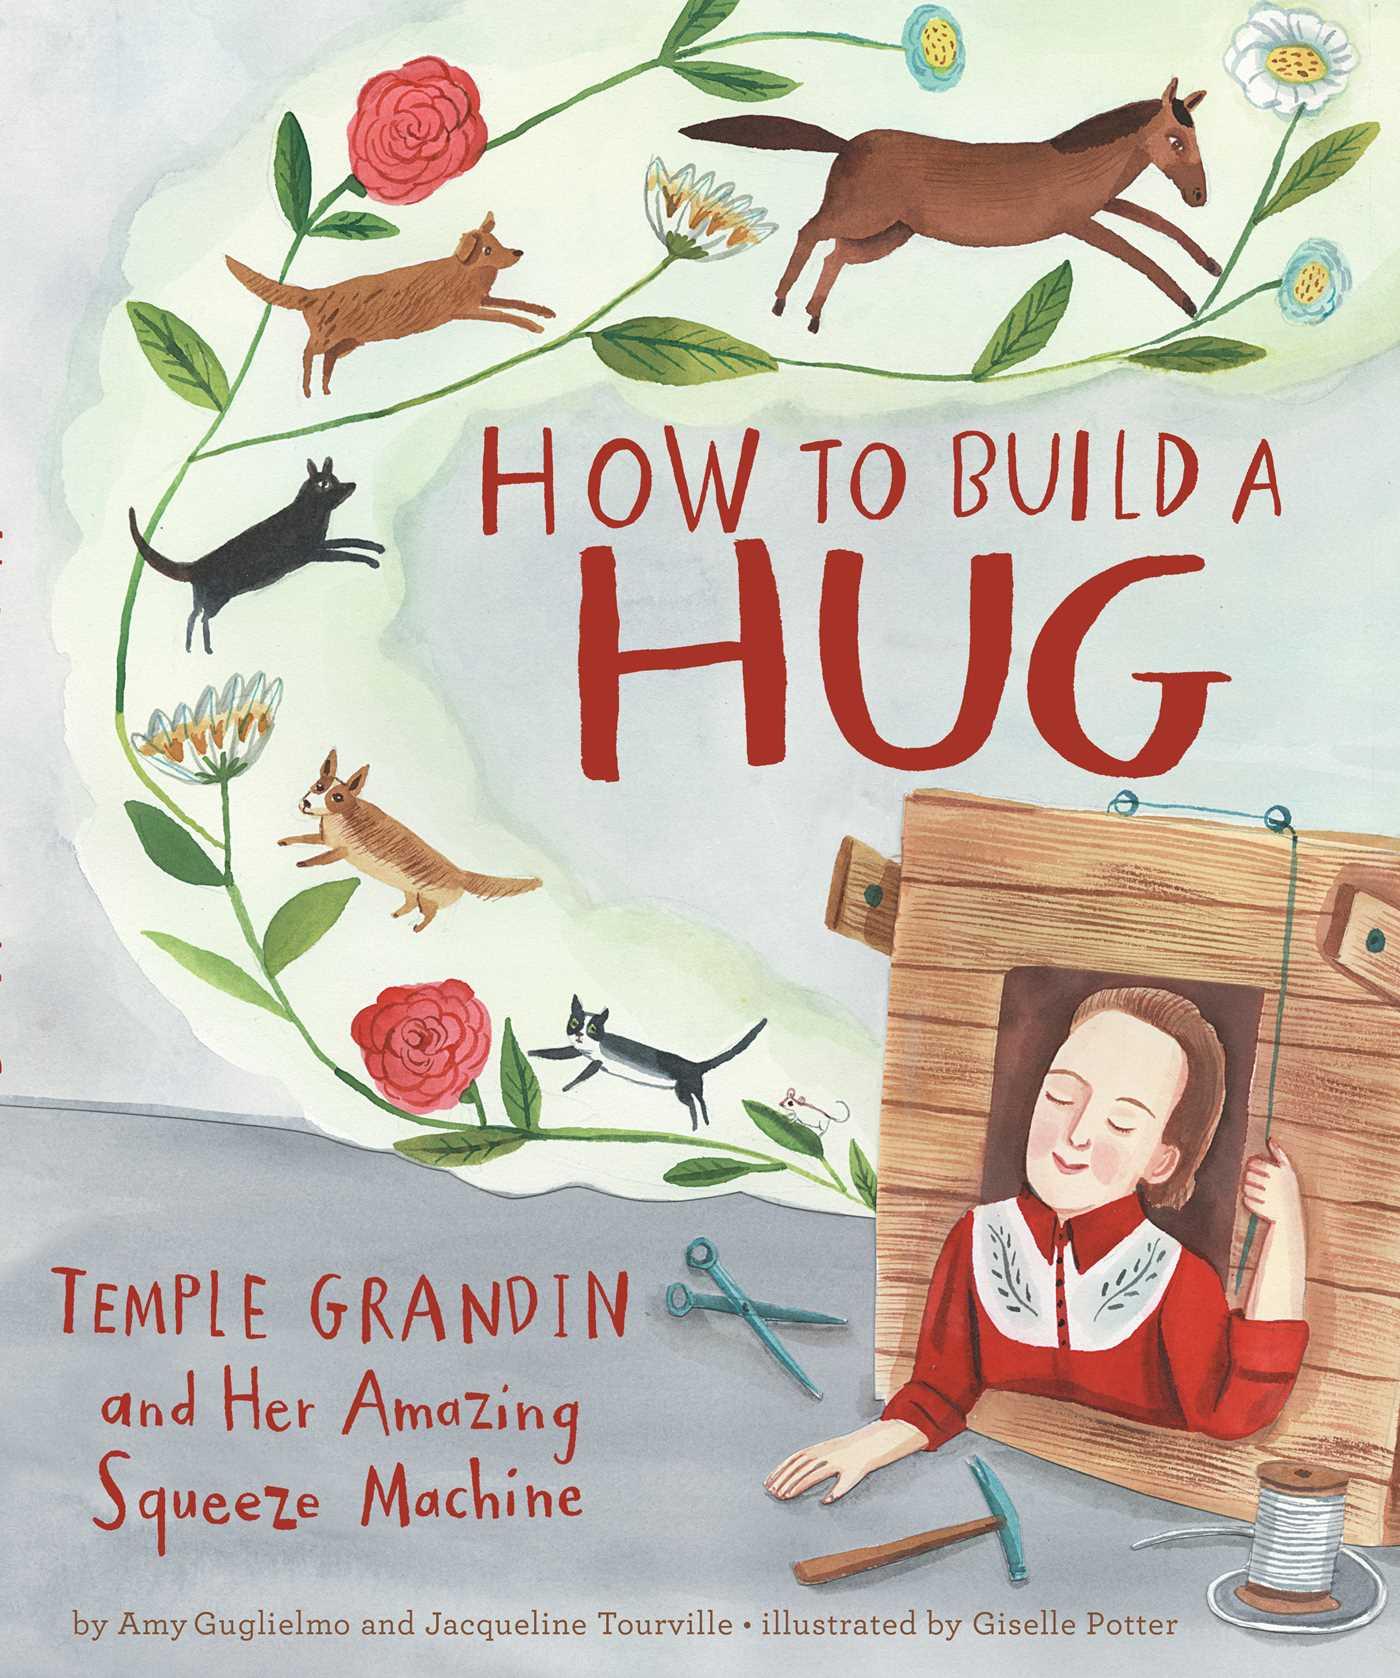 How to build a hug 9781534410978 hr